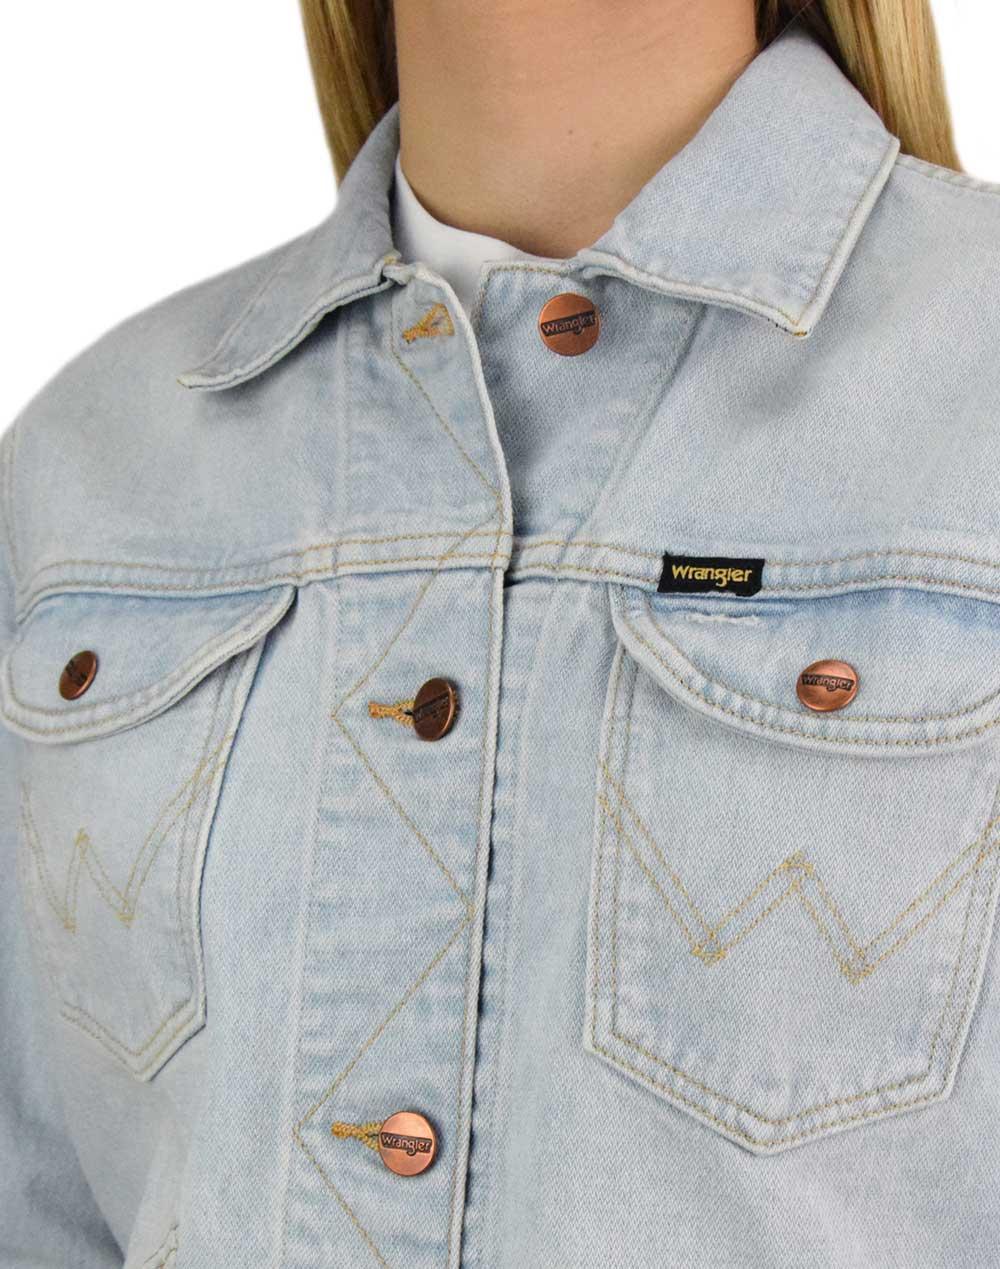 Wrangler Blue Rhapsody Jacket (W4WJUG13I) Bleach Denim